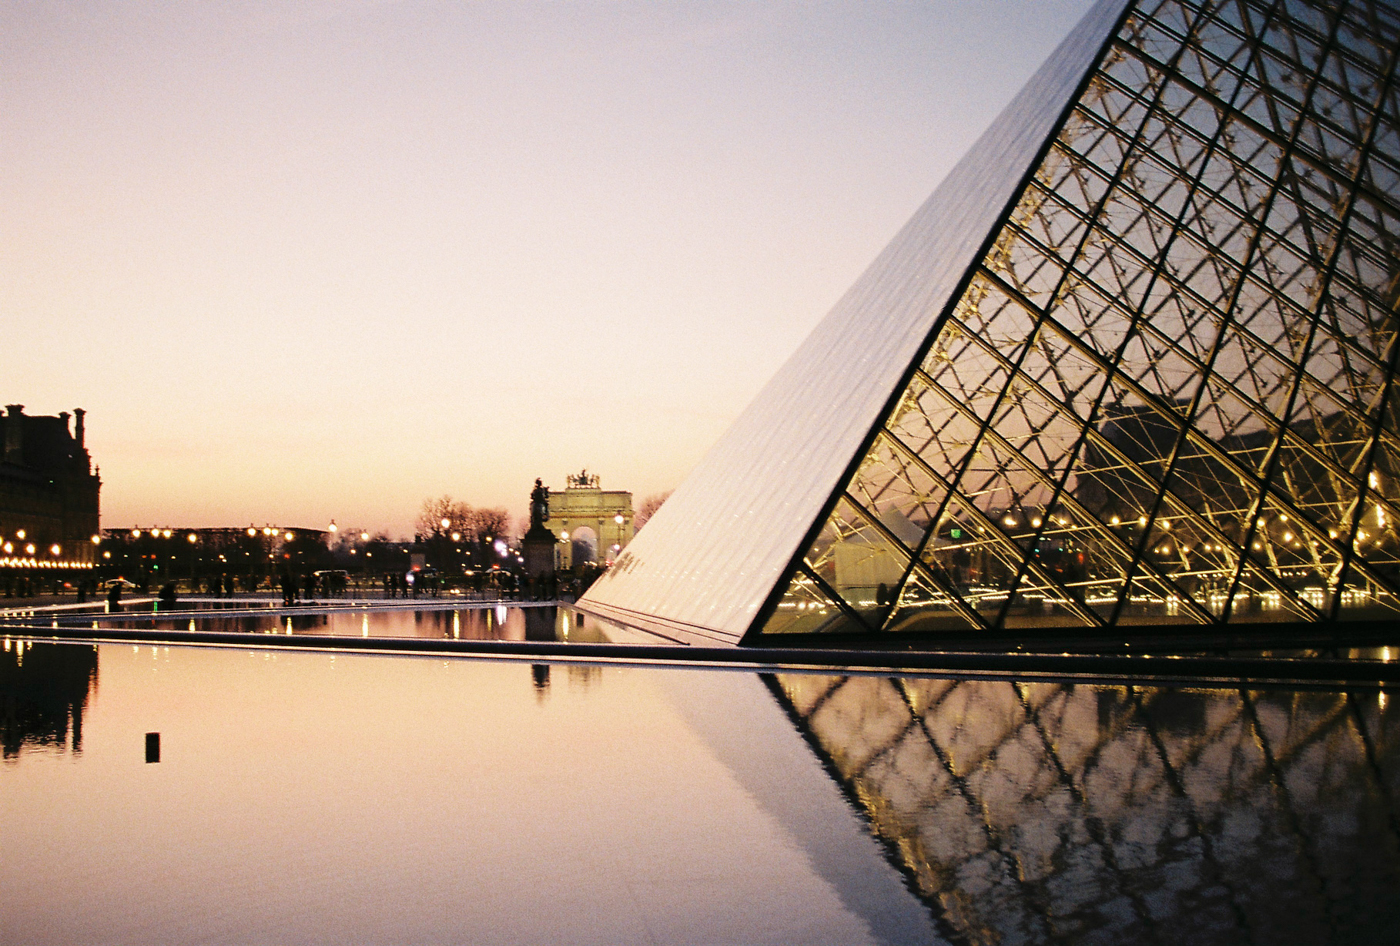 Leo_Piastra_Paris-Pyramide du Louvre